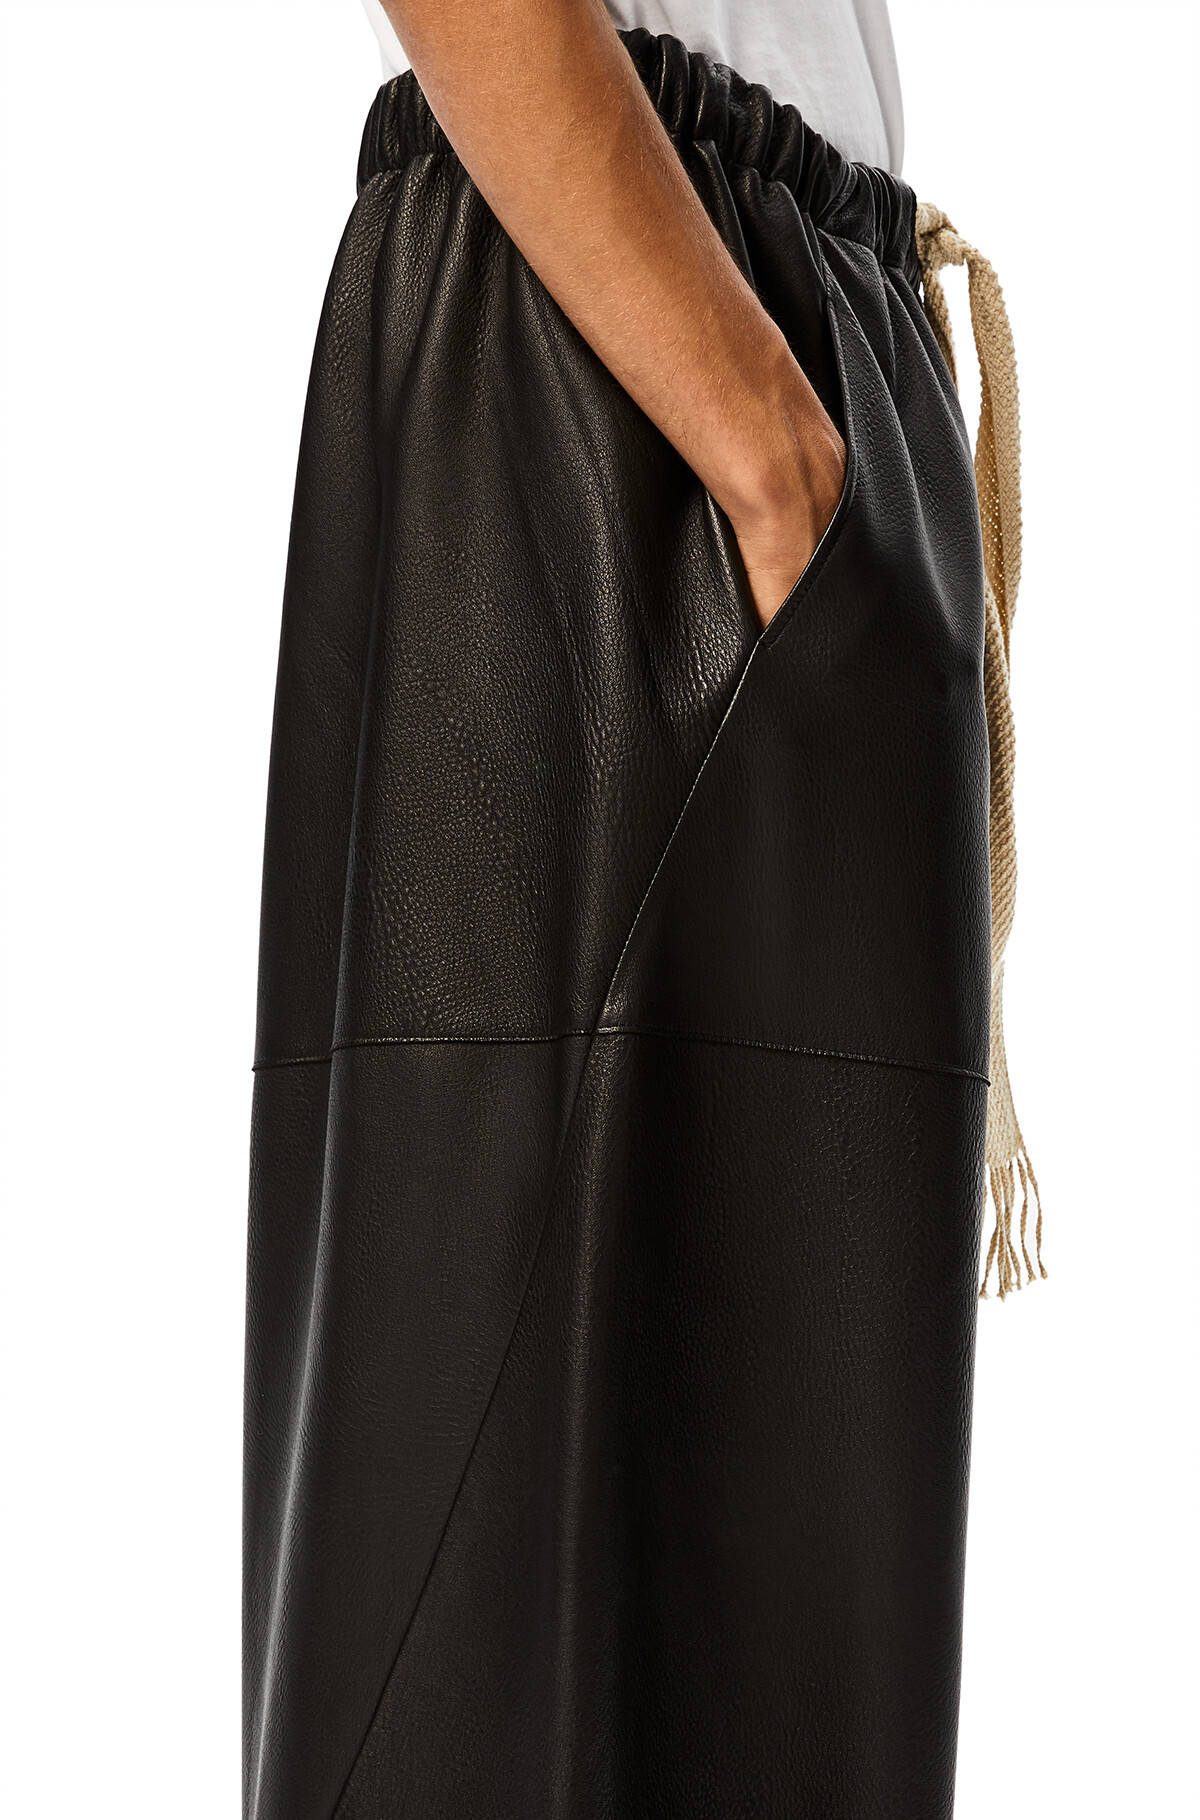 LOEWE Shorts ブラック front